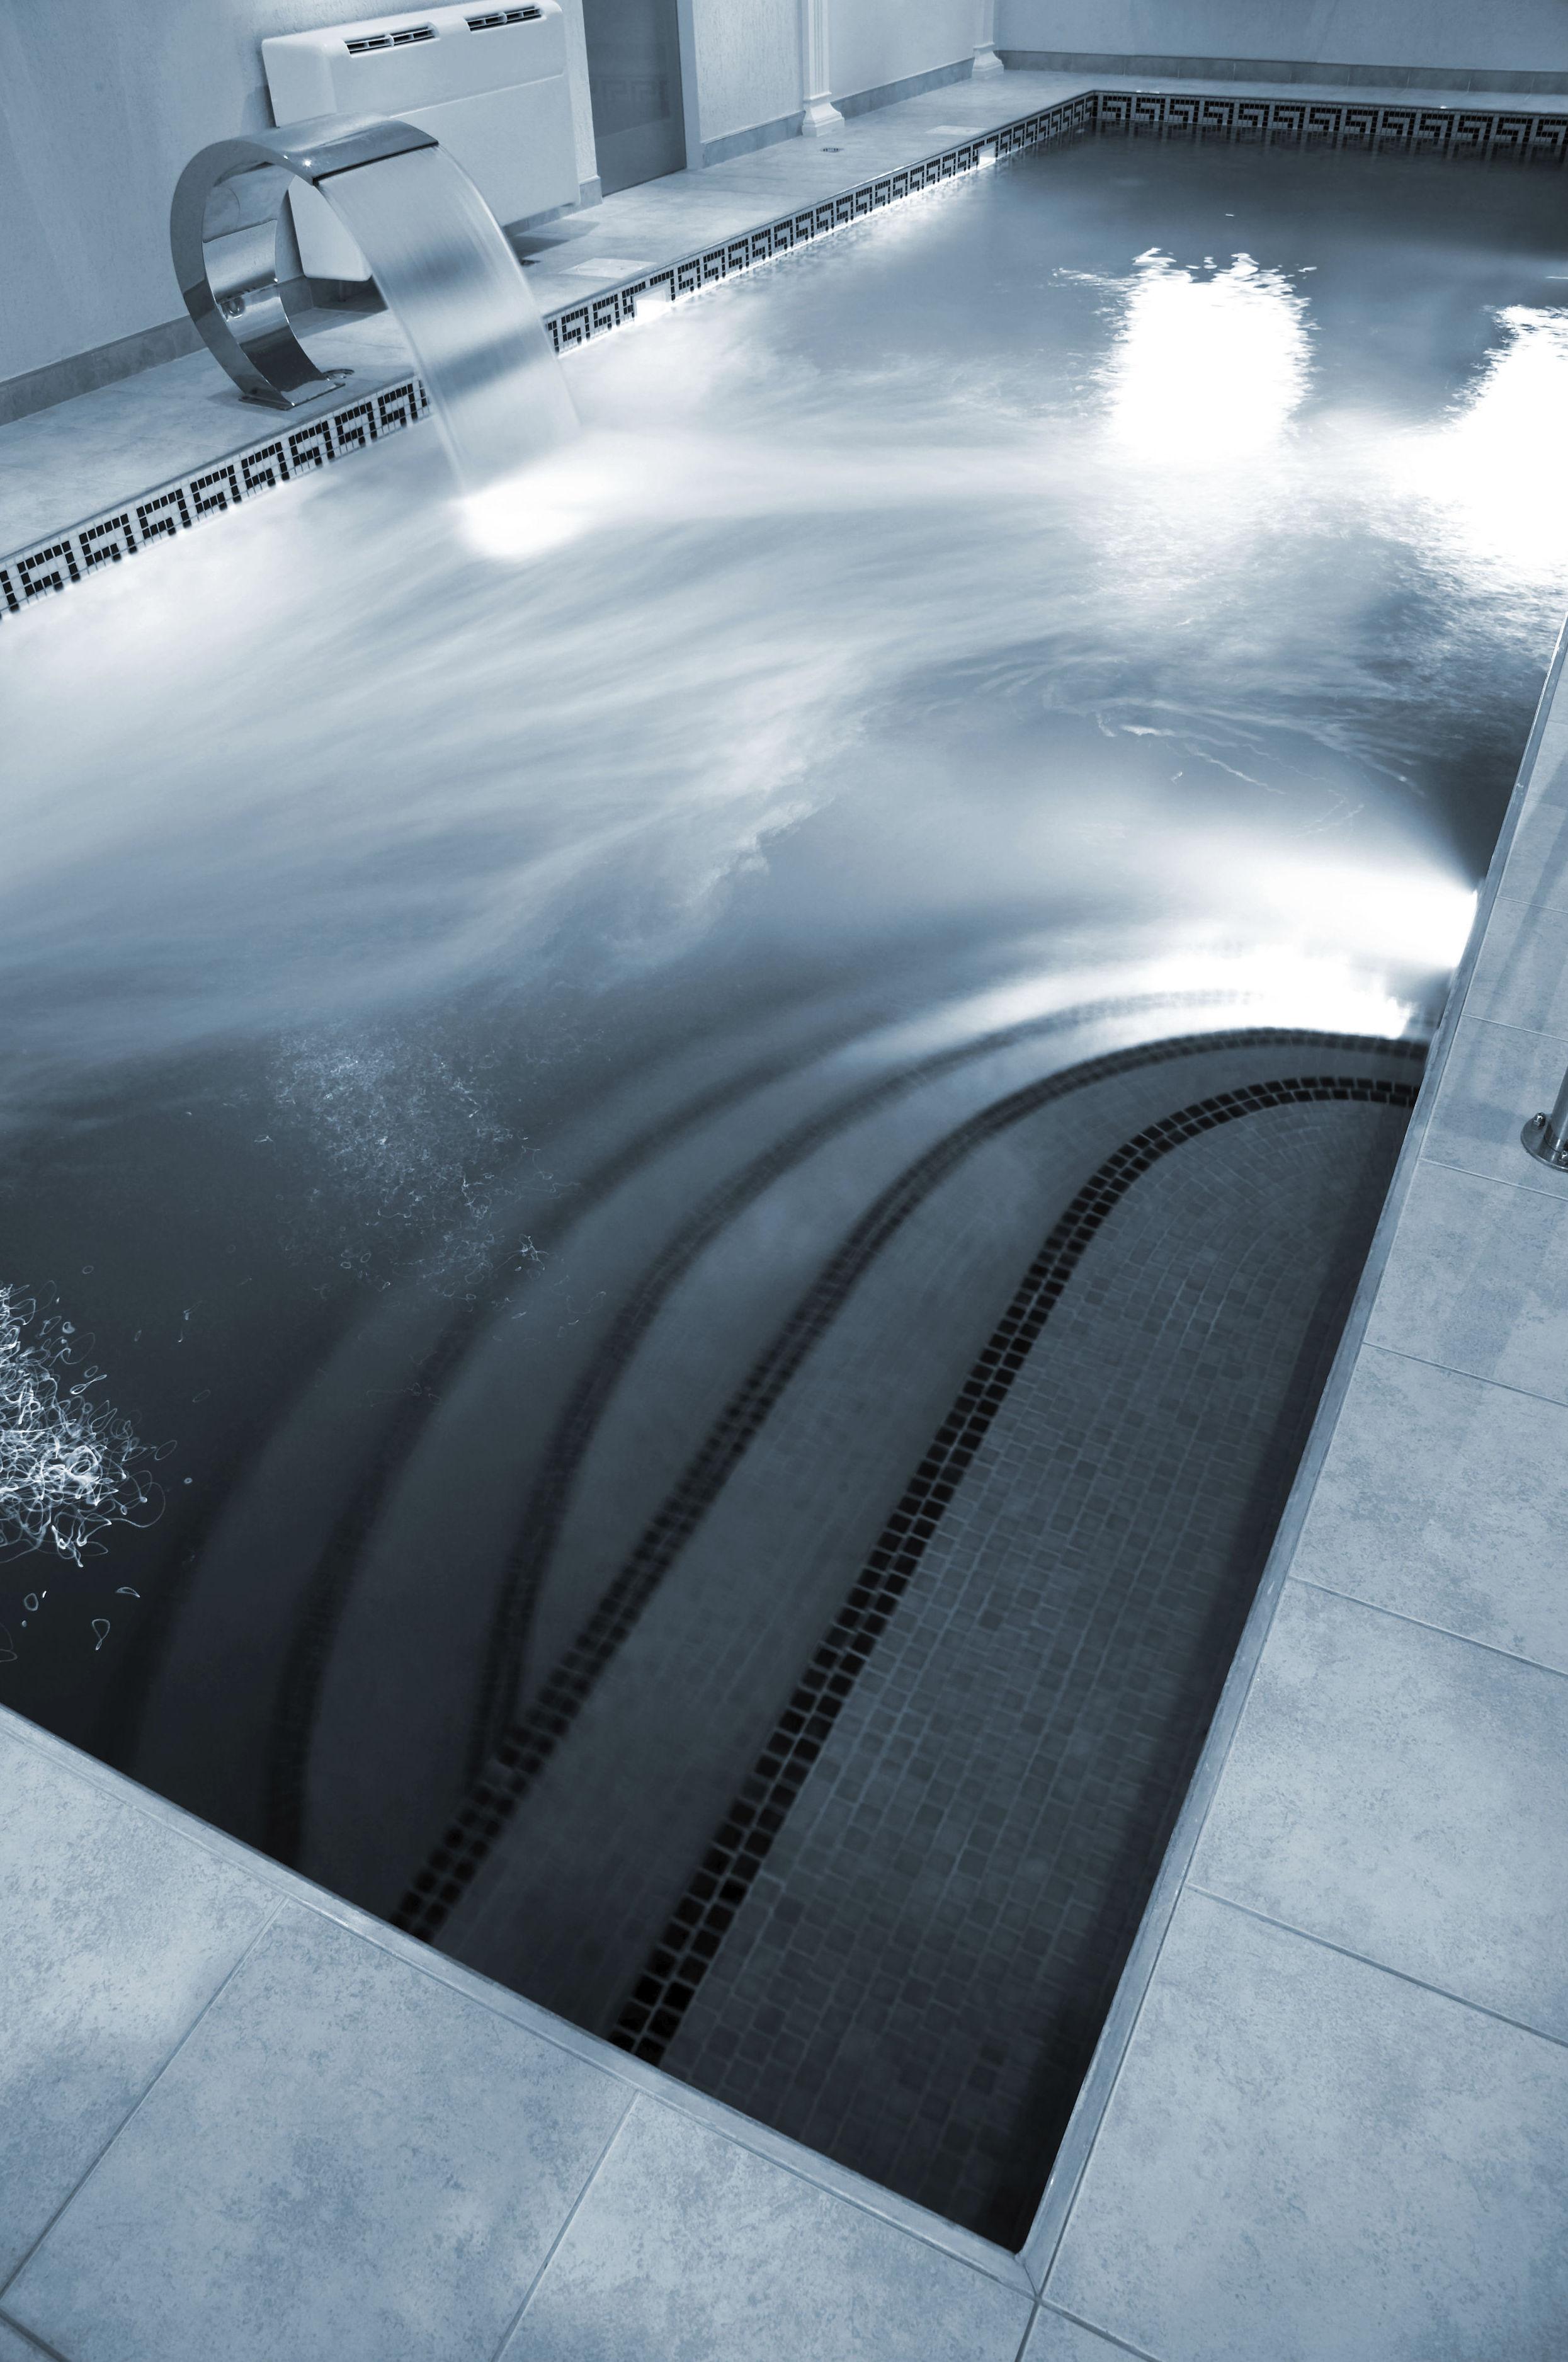 foto 35 de instalación de piscinas en rubí | aquanet piscinas, s.l.